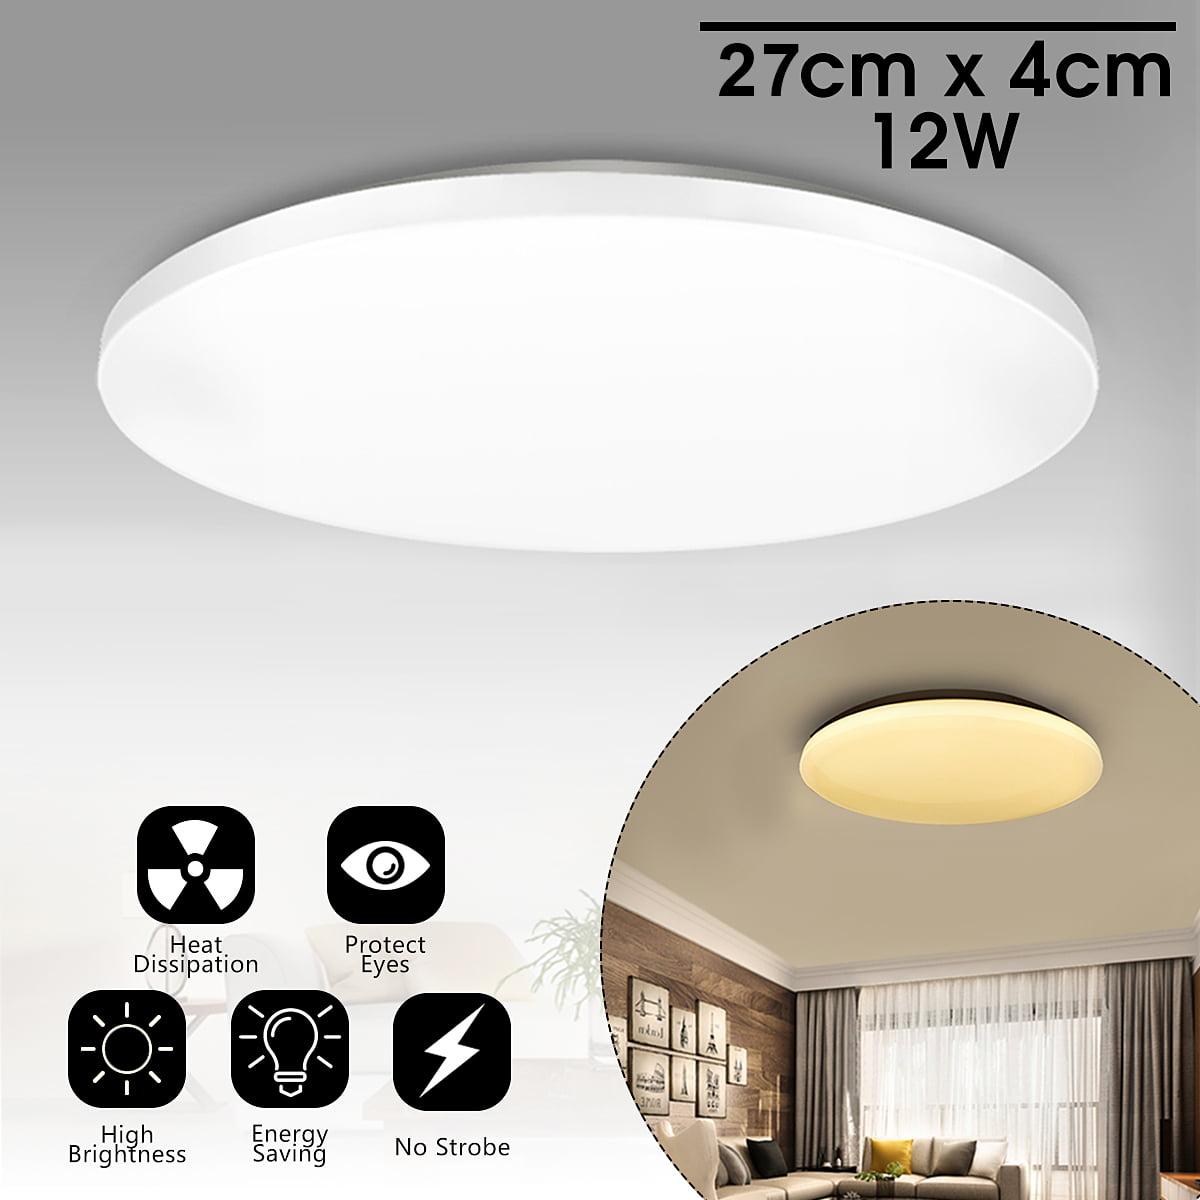 Led Ceiling Light Flush Mount Light Fixture 12w 1000 Lumens Round Modern Lamp For Home Bedroom